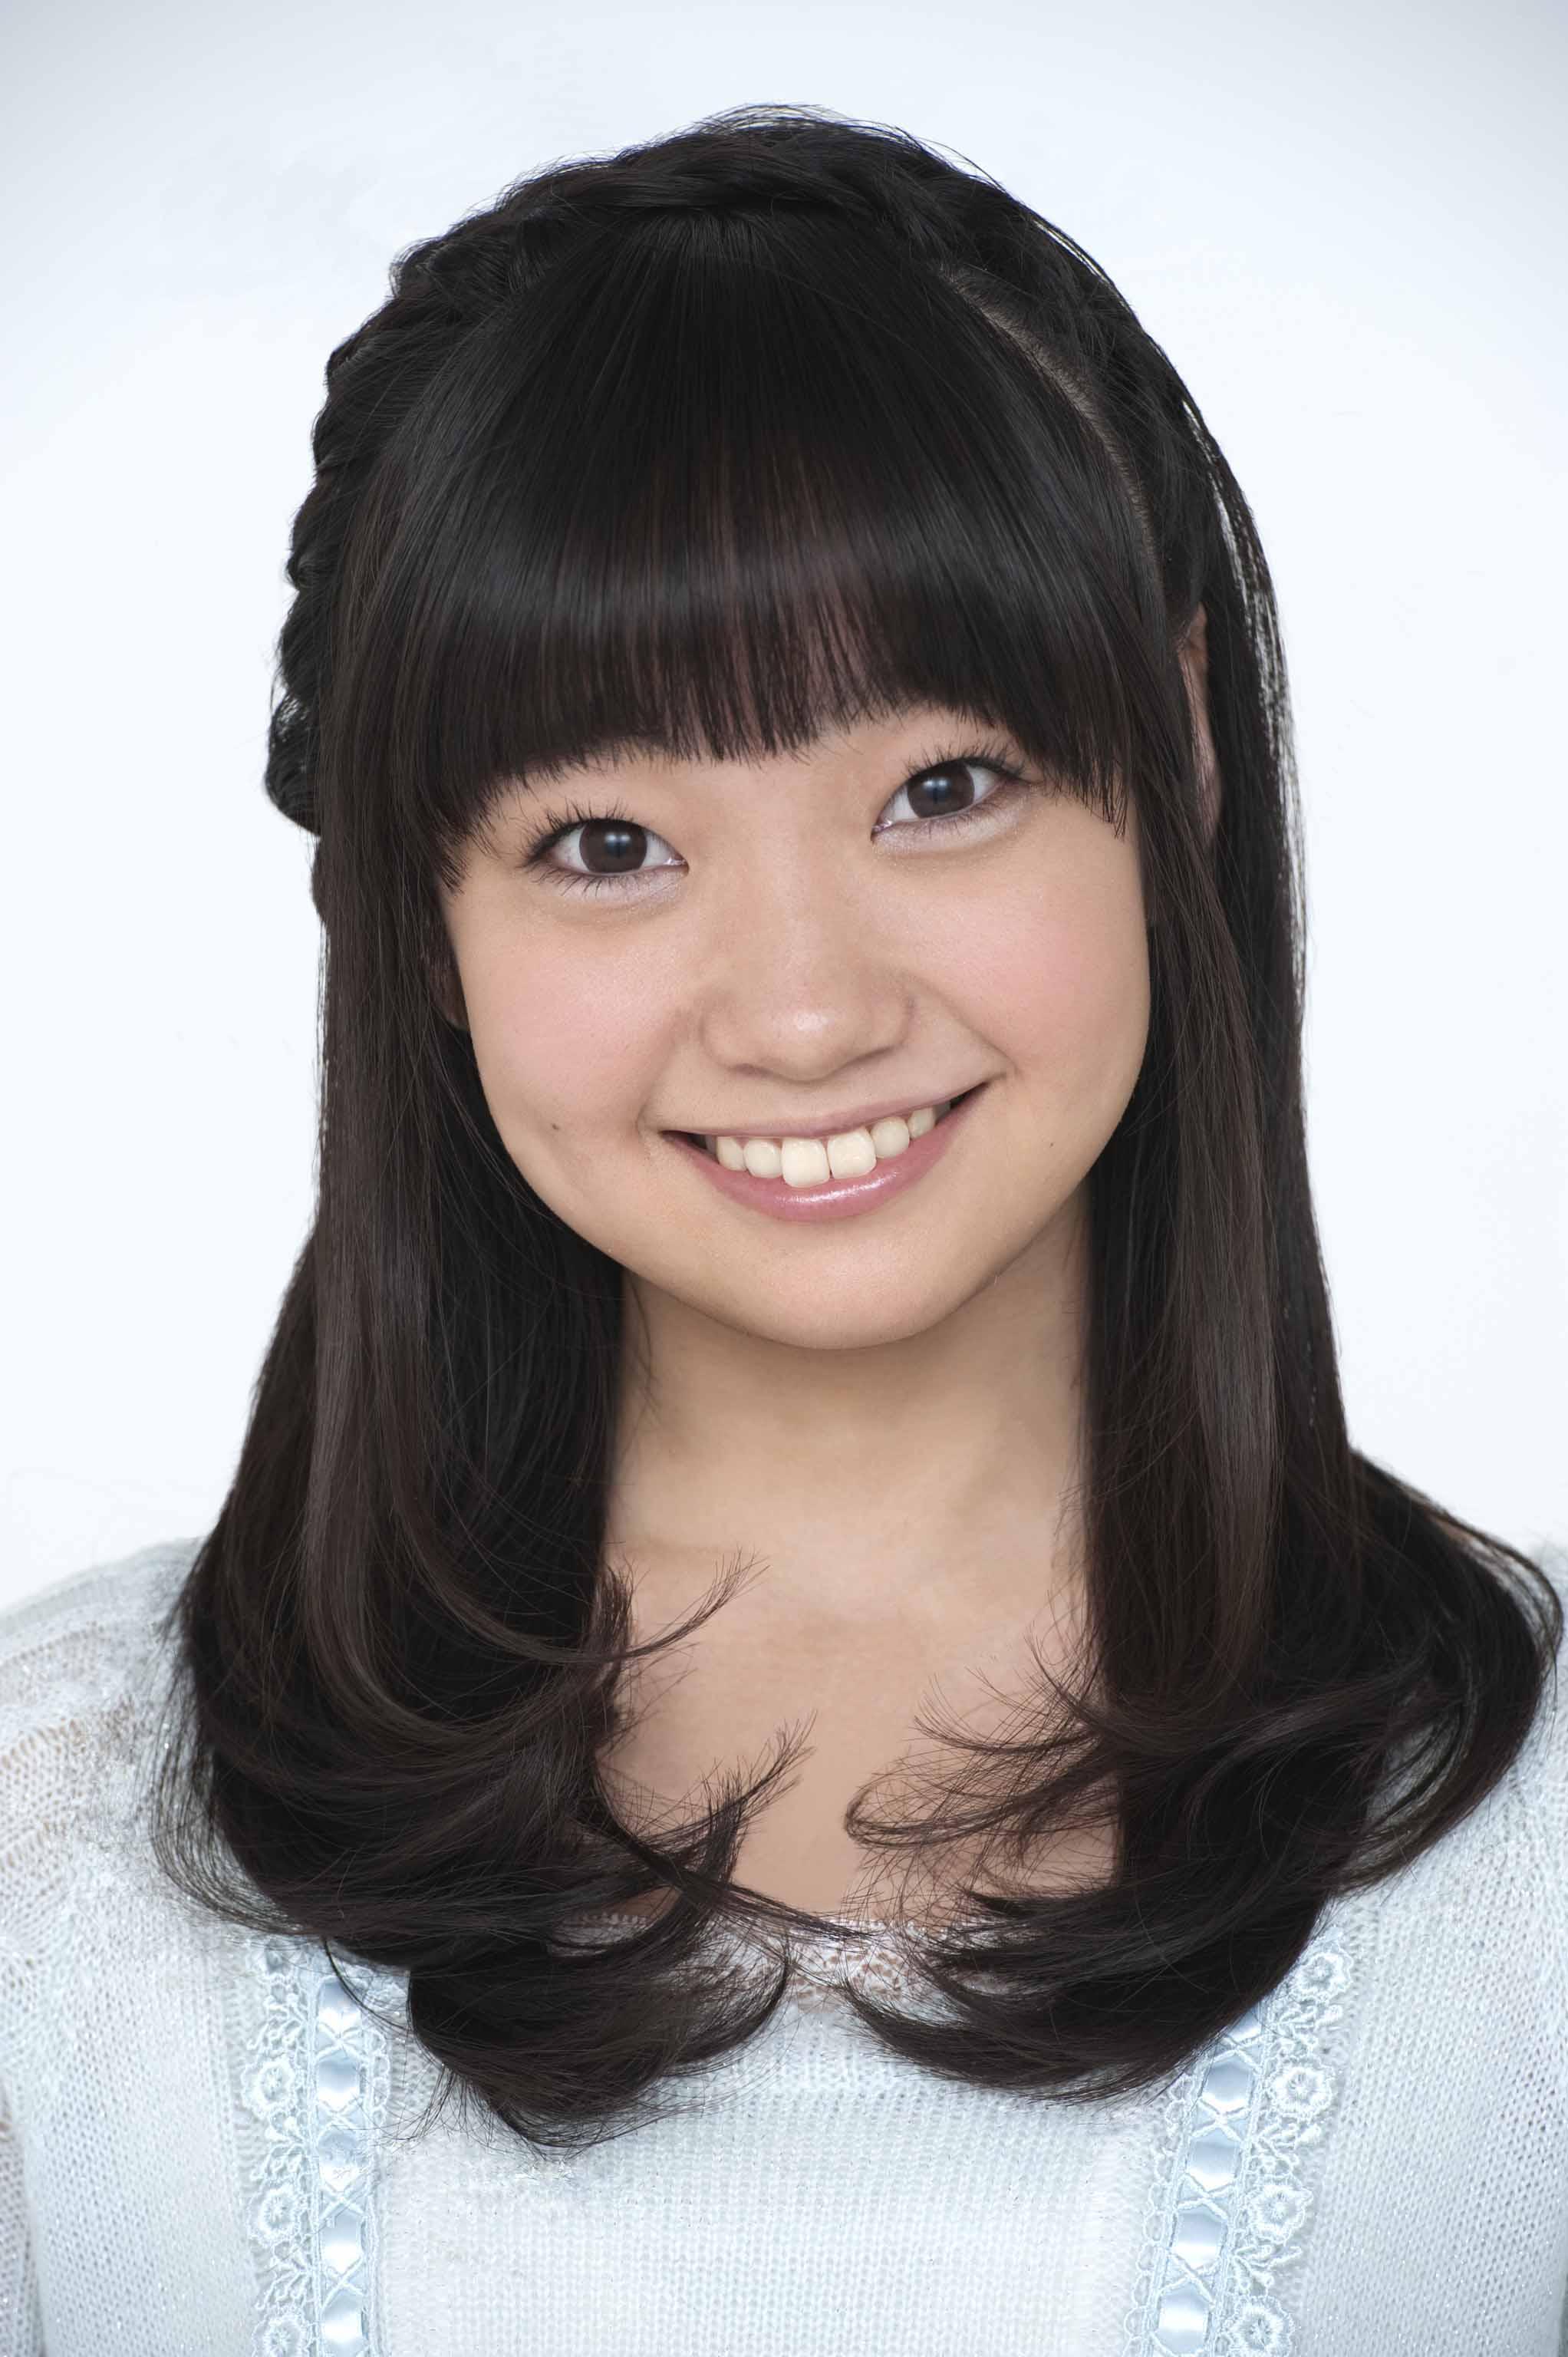 【速報】大橋彩香とかいう声優のデビューシングル爆死 この顔面じゃいくらなんでも無理だろ